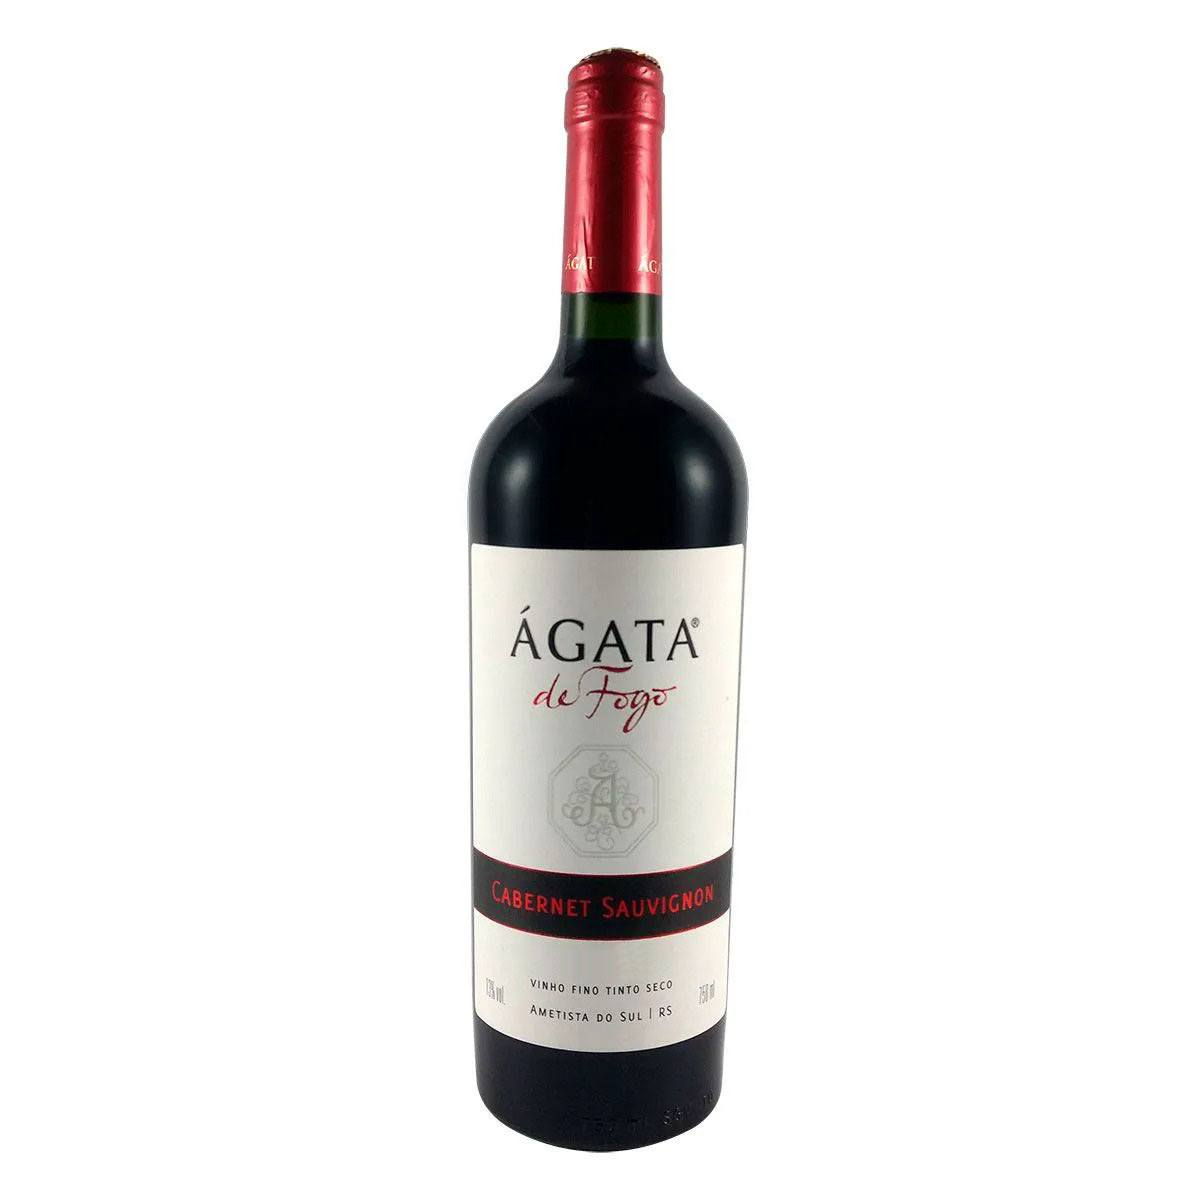 Vinho Fino Tinto Seco Ágata de Fogo Cabernet Sauvignon 750ml